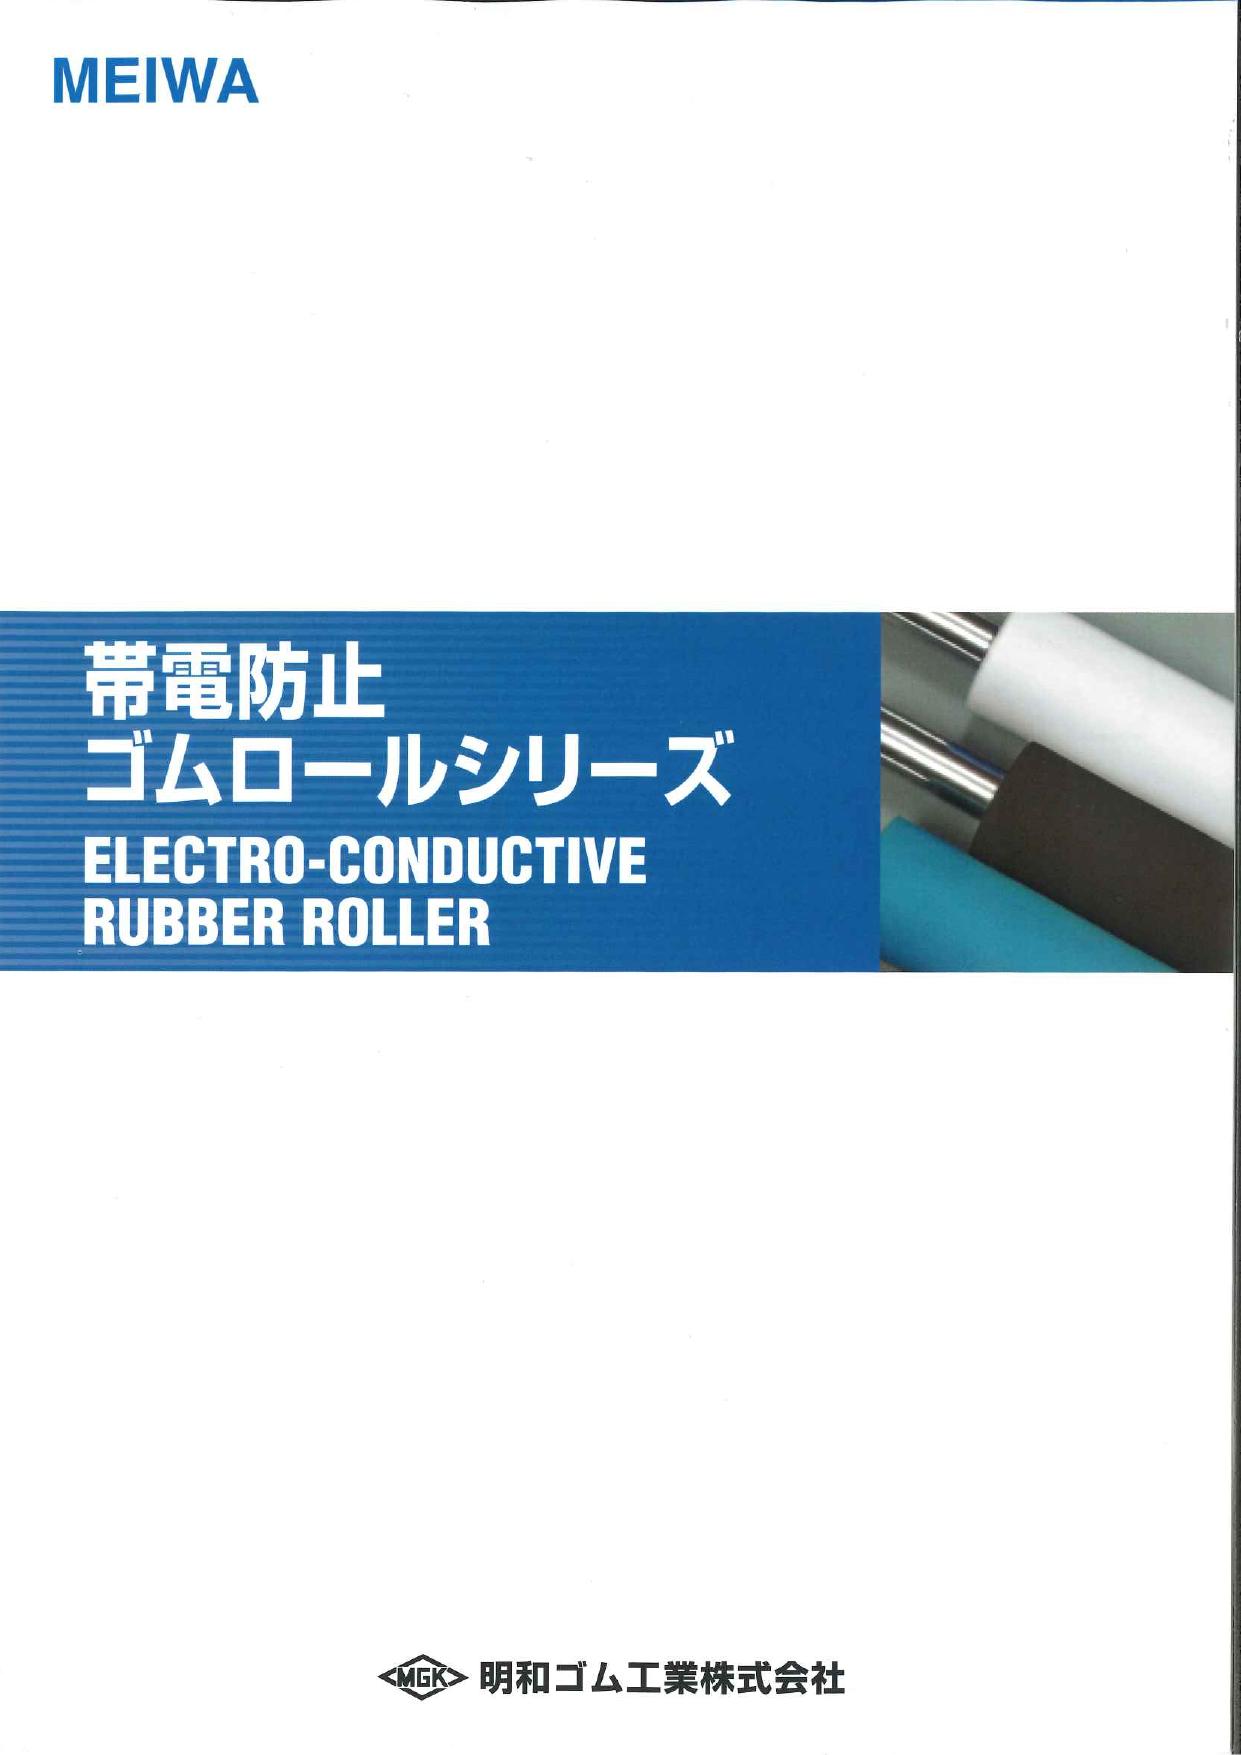 帯電防止ゴムロールシリーズ 総合カタログ